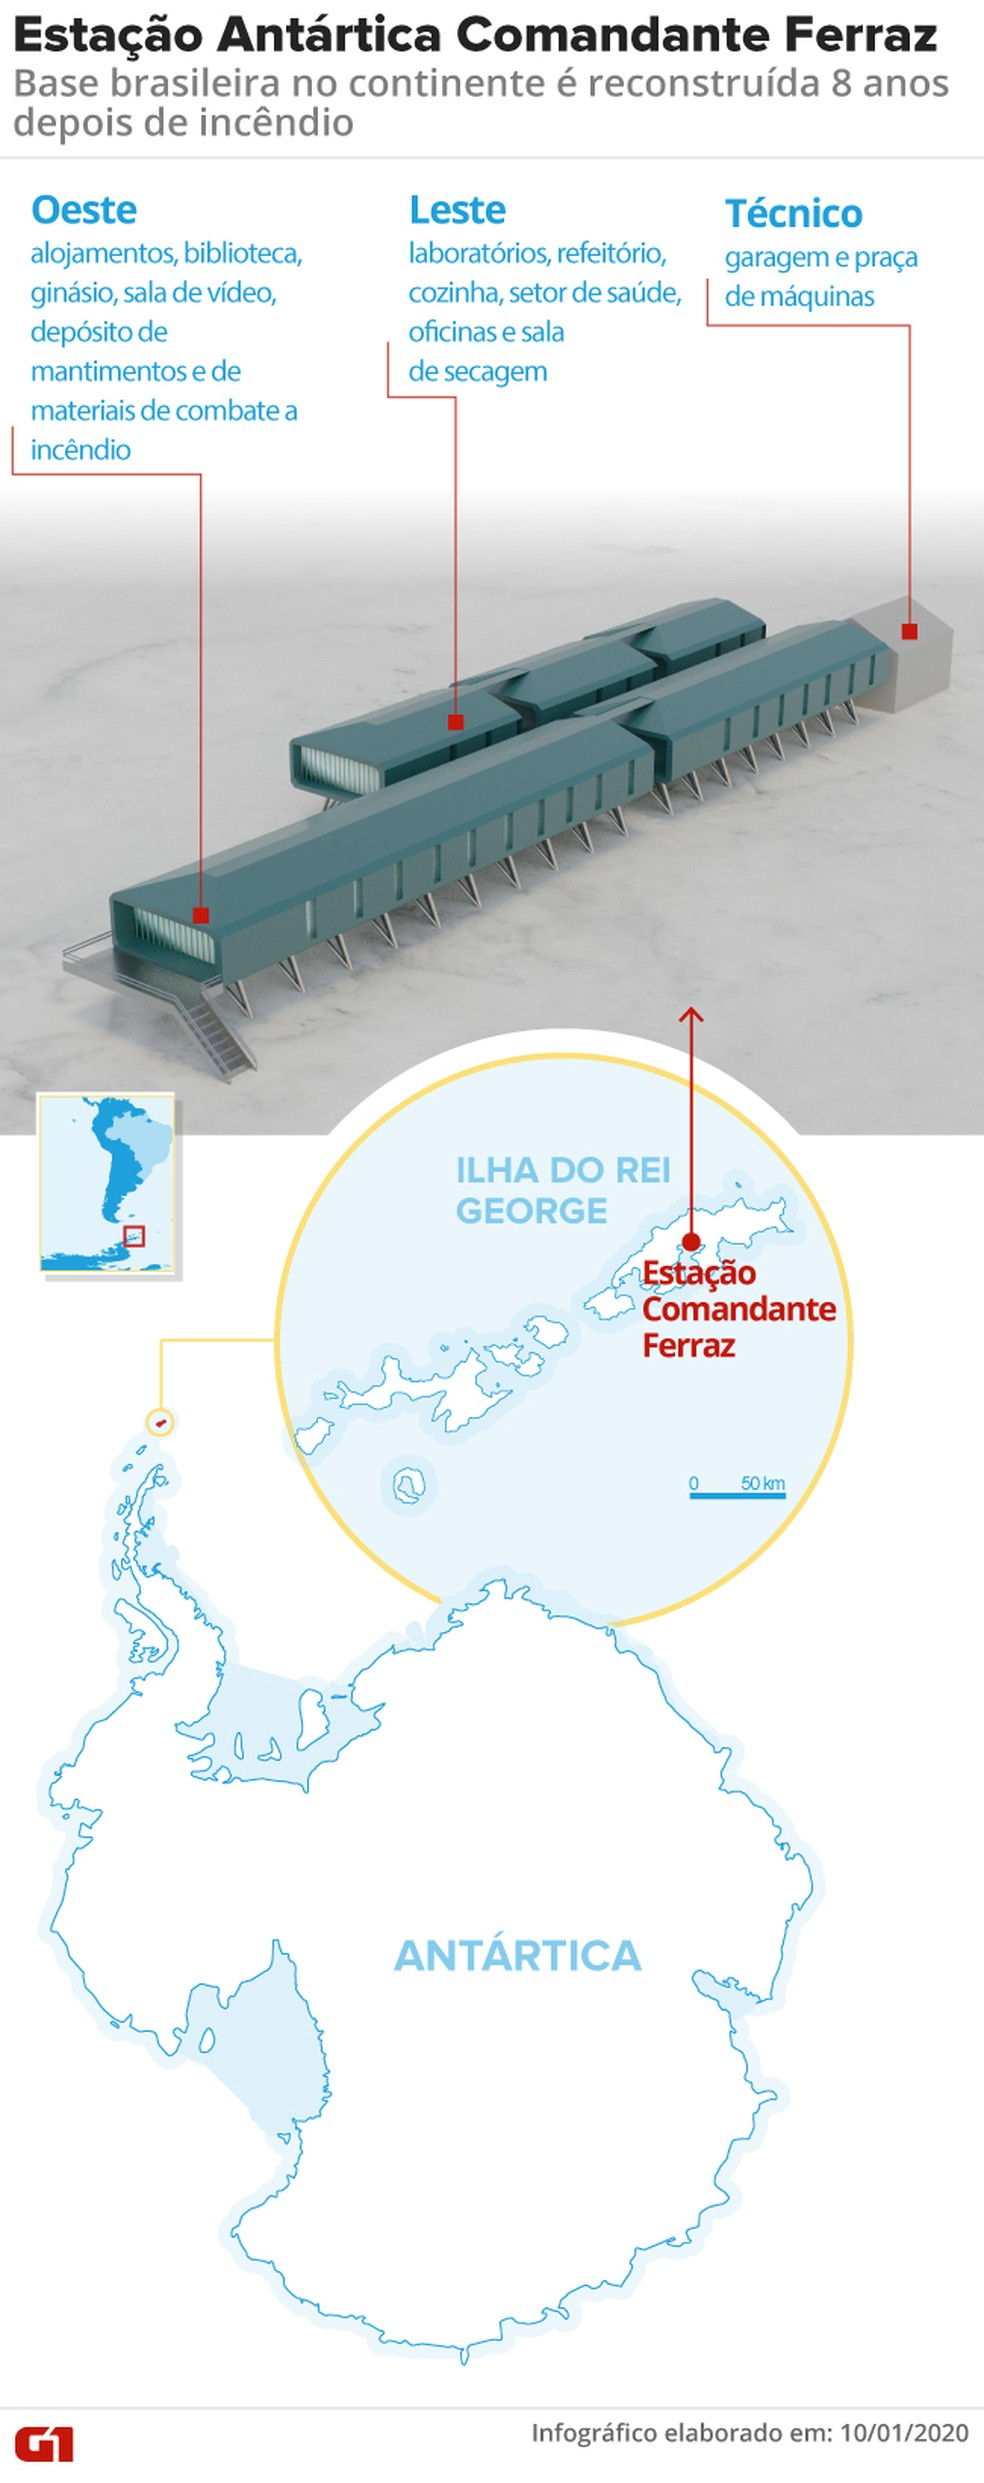 Infográfico mostra nova estação brasileira na Antártica  — Foto: Amanda Paes/G1